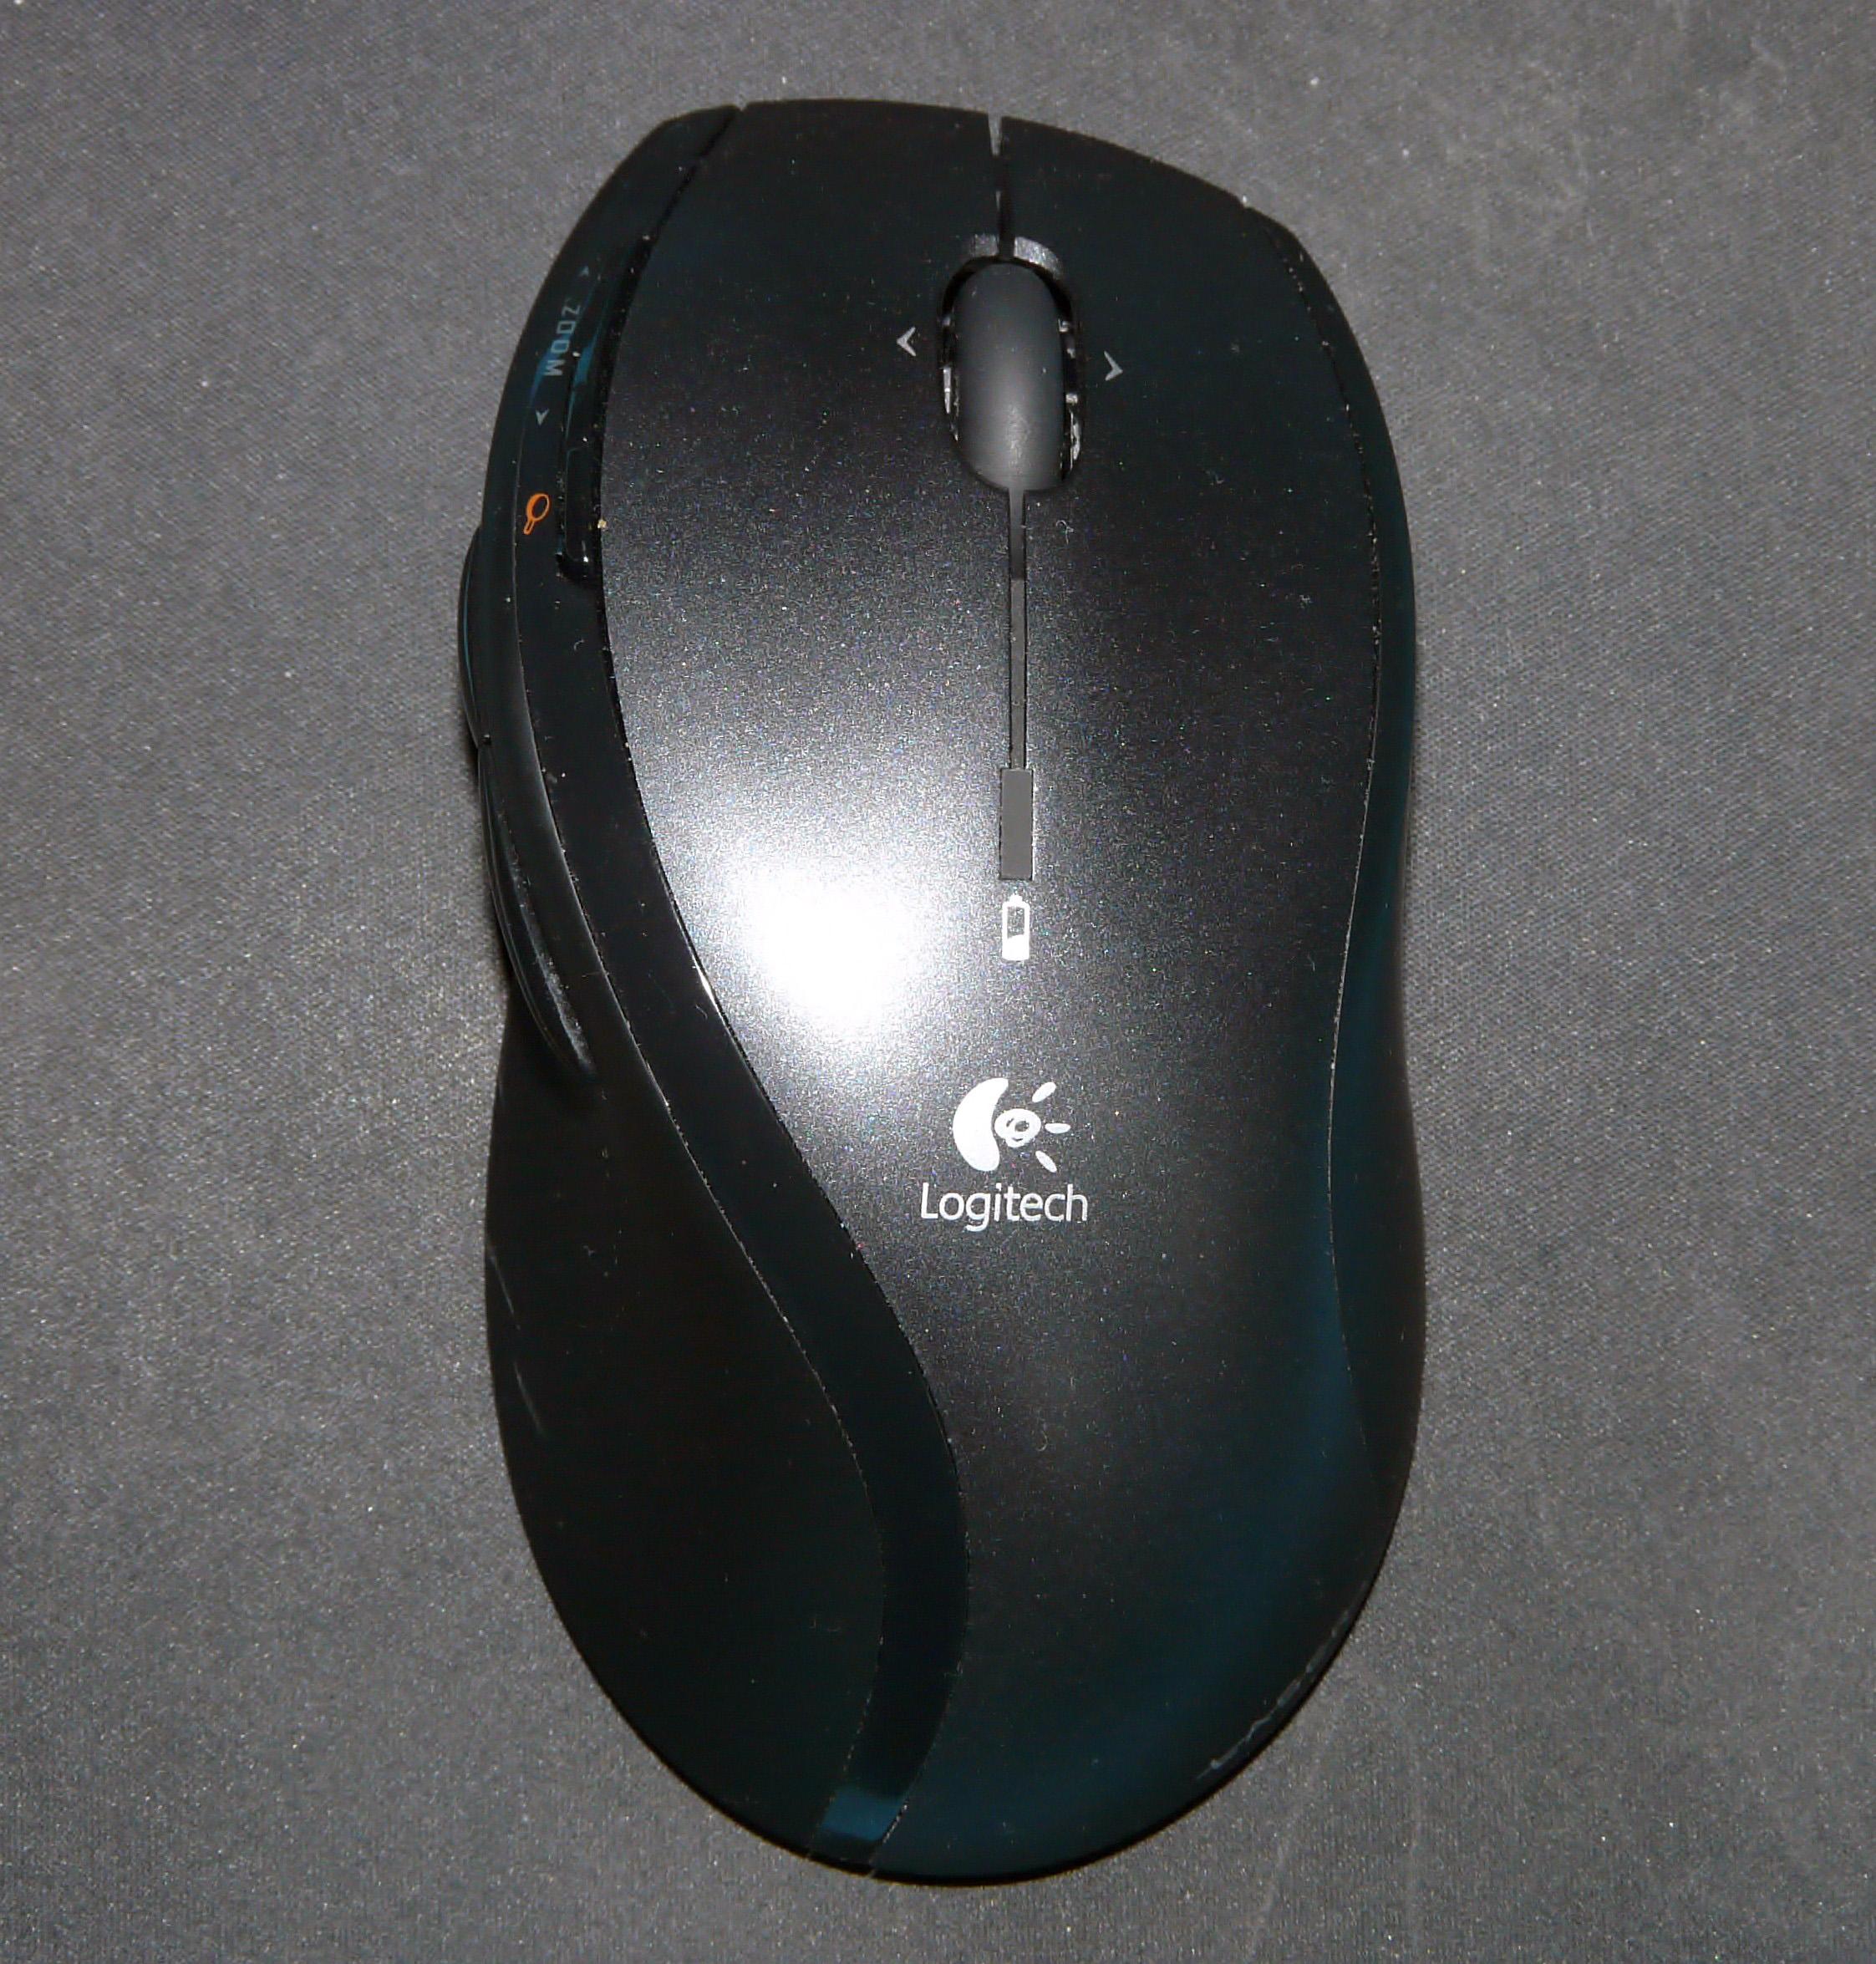 Logitech MX 600 Laser Cordless Mouse Drivers Download (2019)